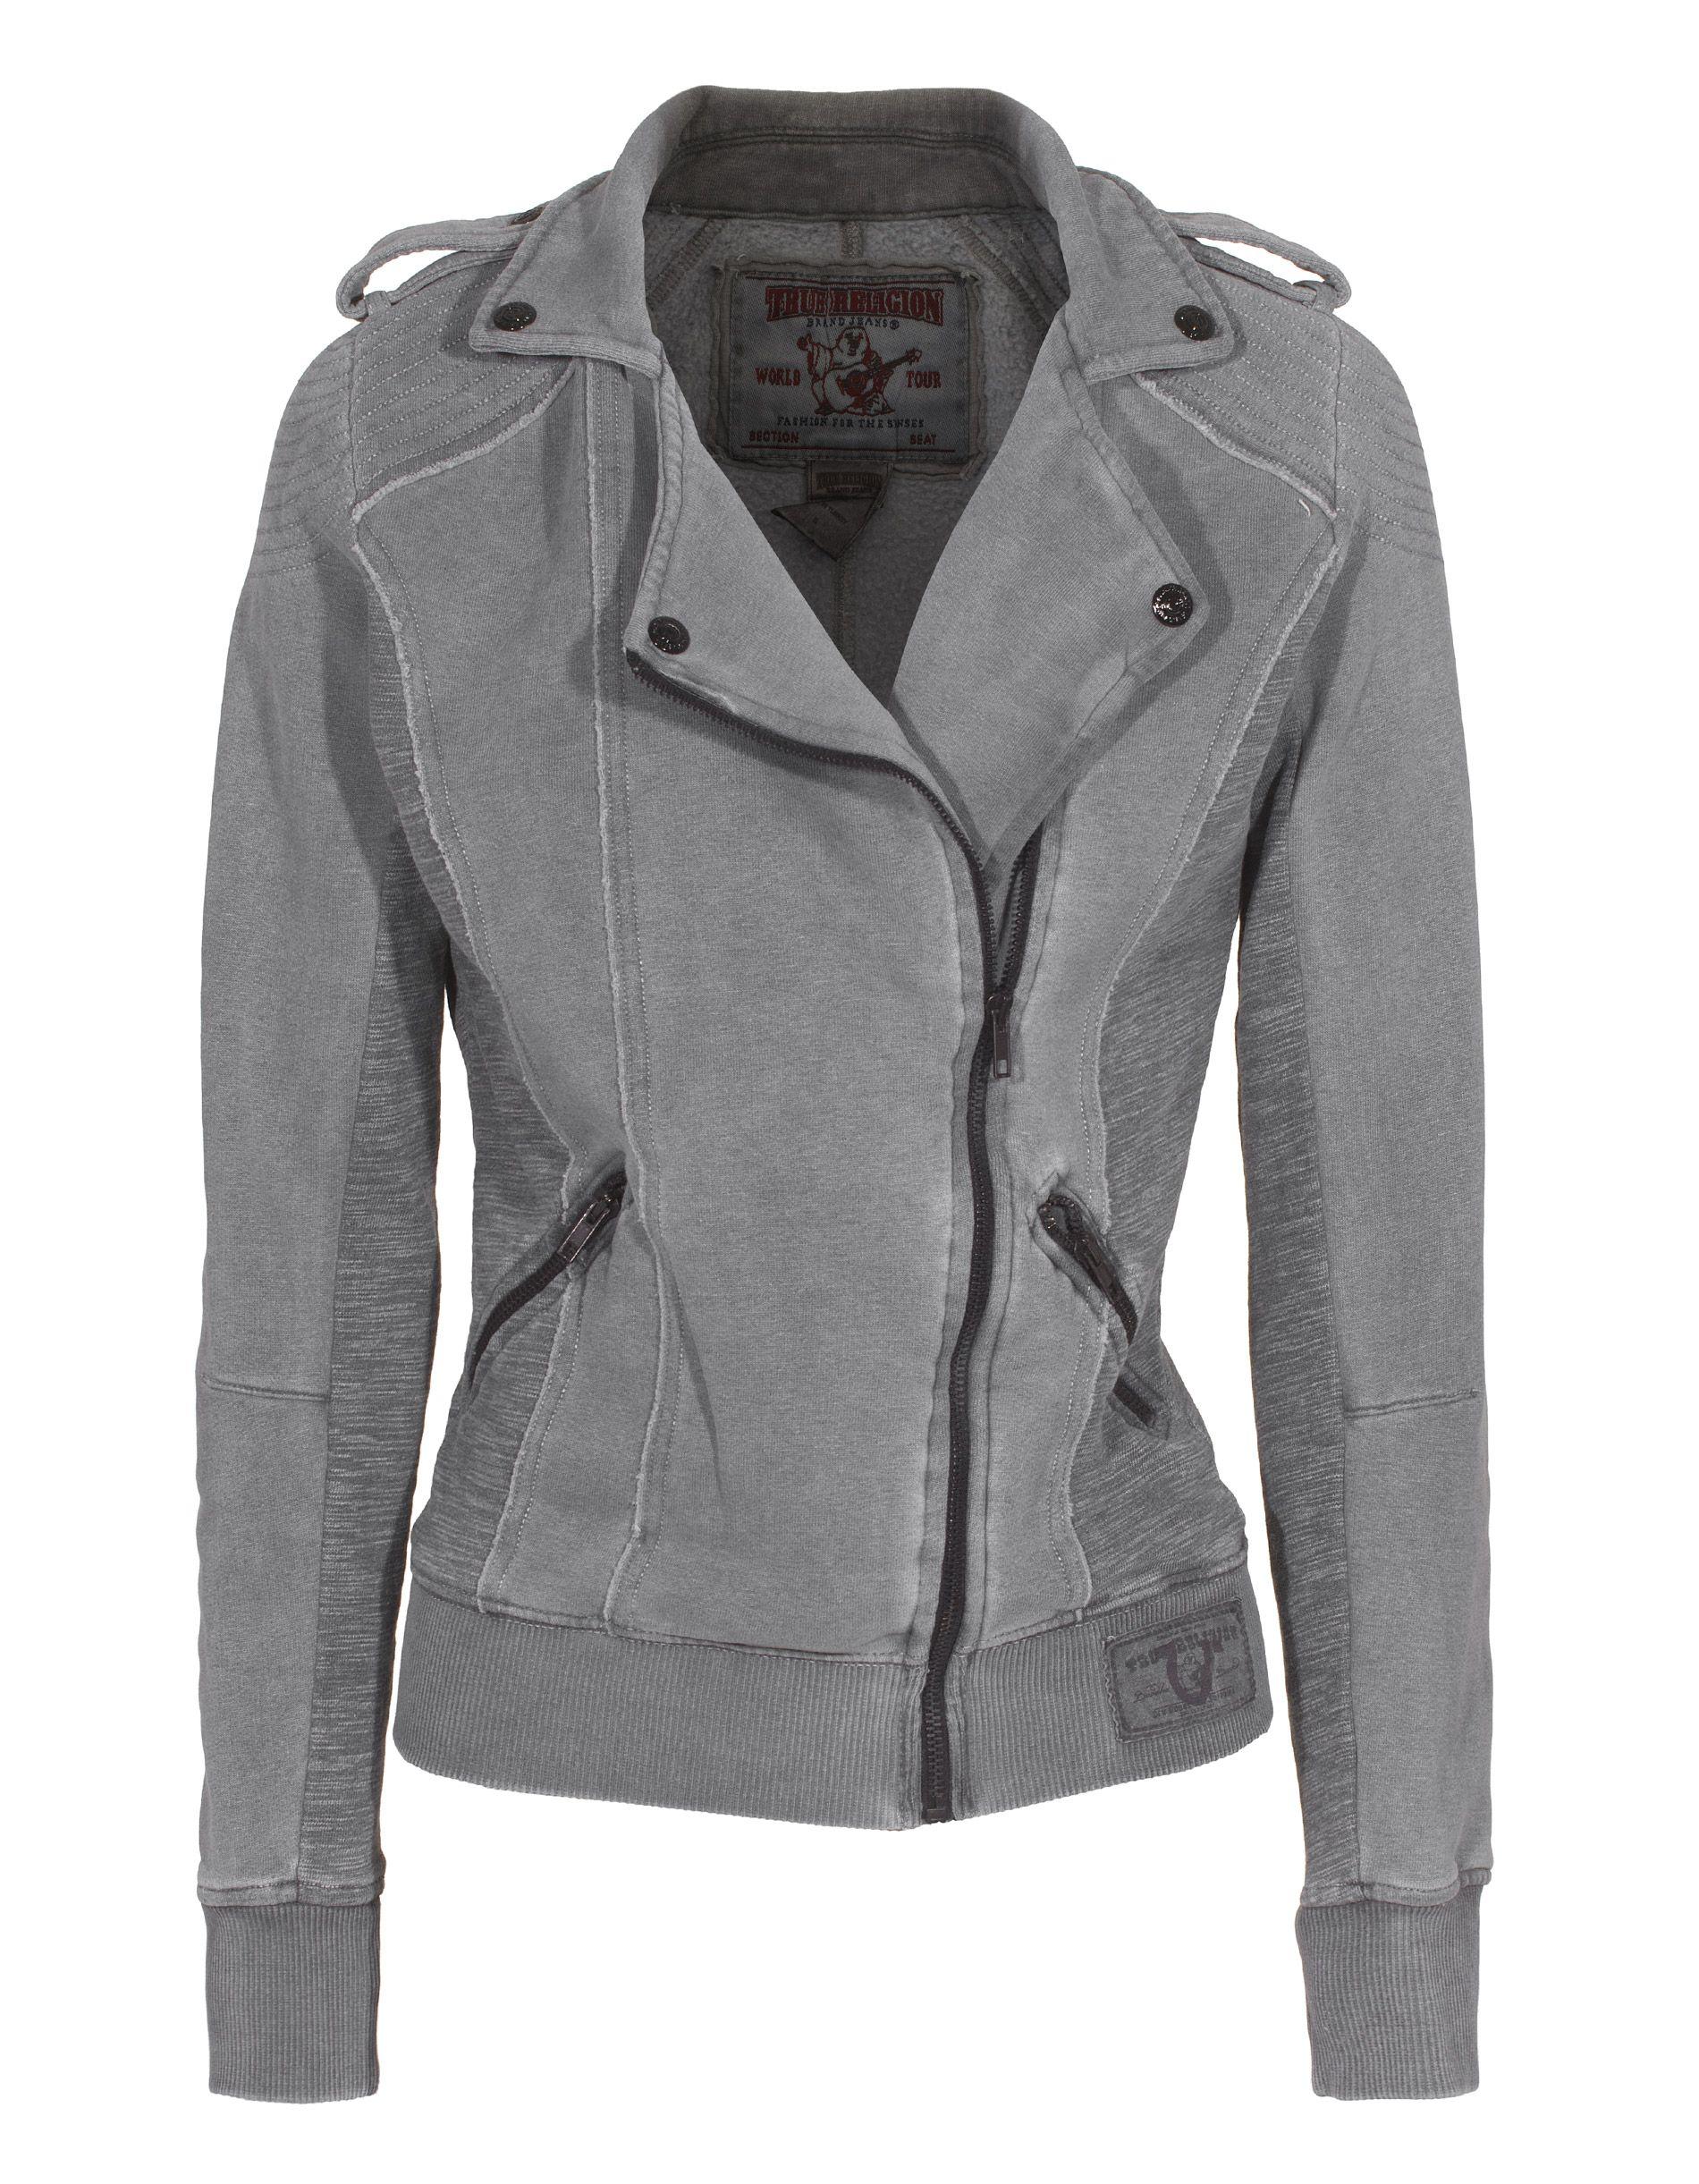 True religion fleece biker jacket black vintage zip sweater jacket